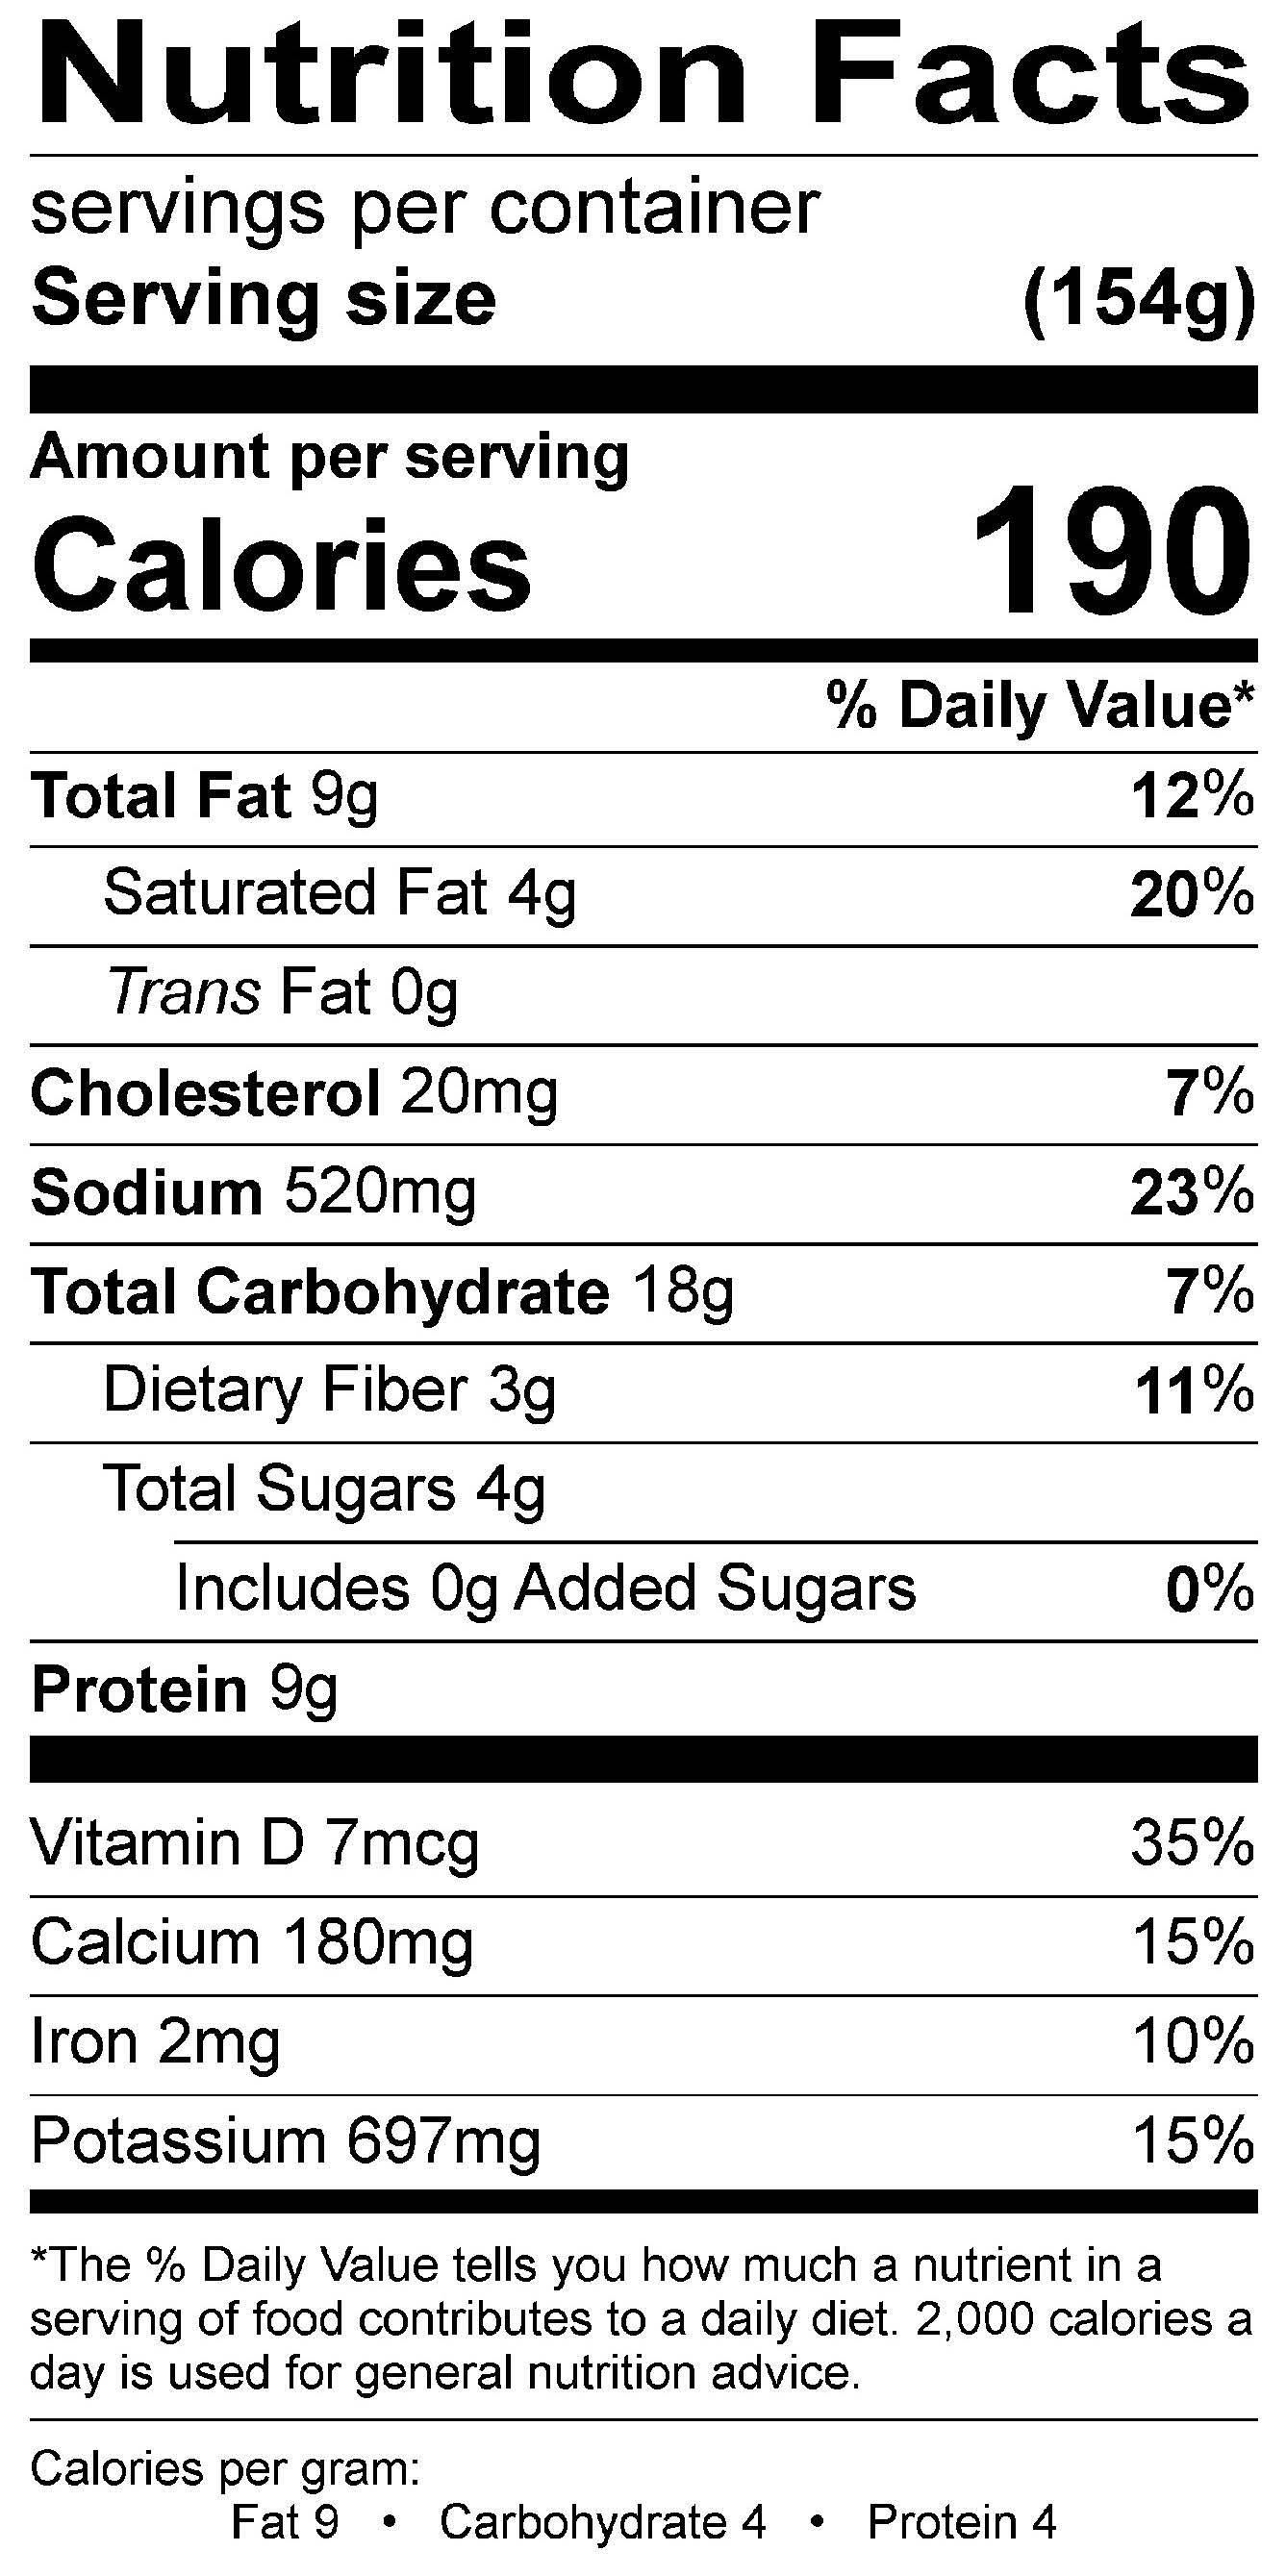 Index of /uploadIMG/moxie/Nutrition Facts Images